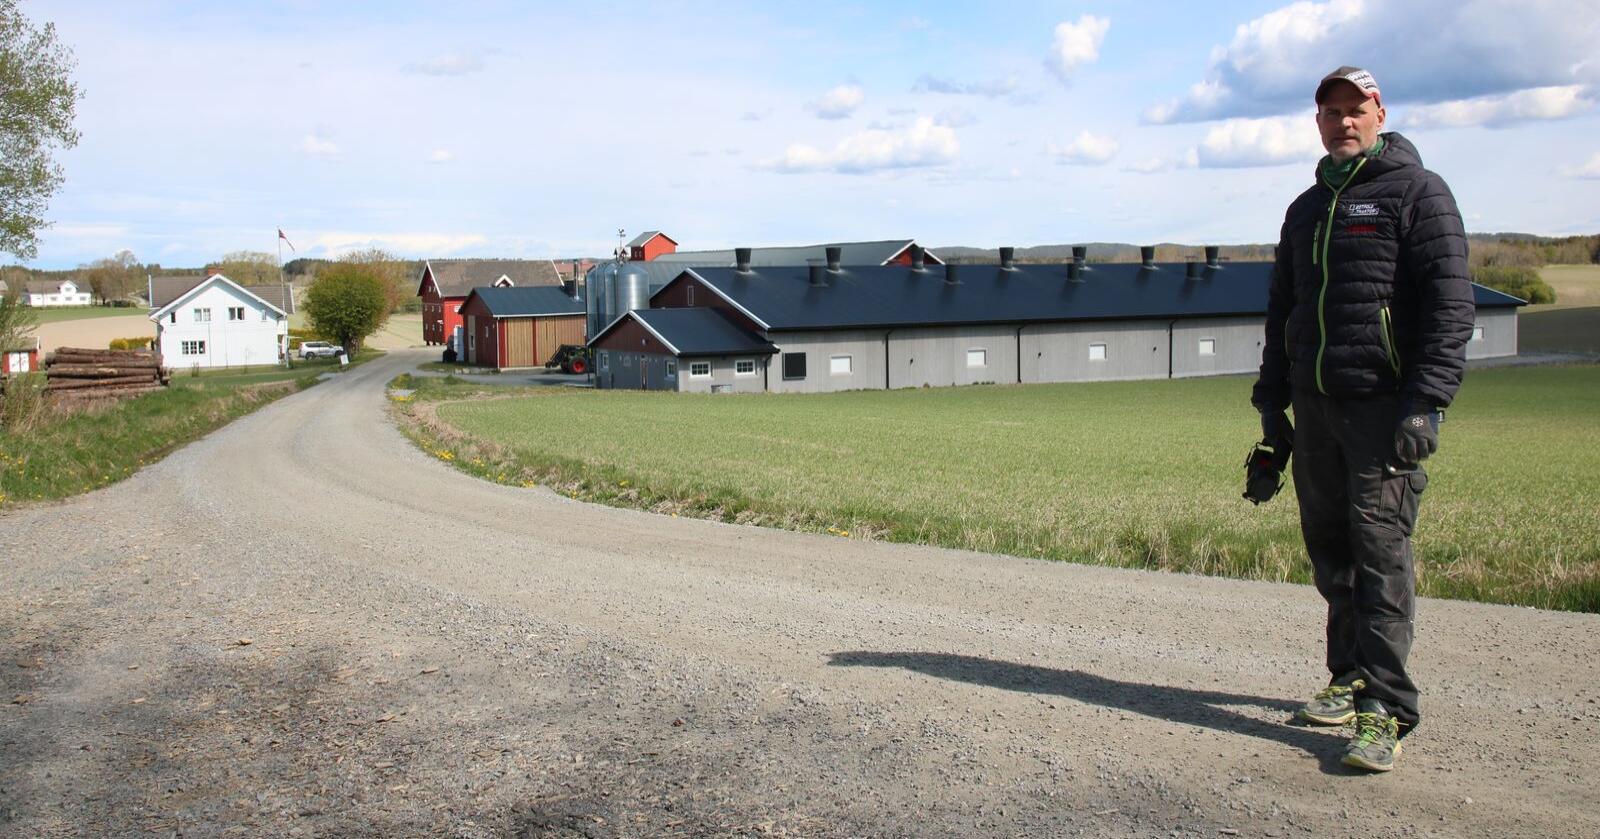 Flisfyringsanlegget varmer opp det 1400 kvadratmeter store kyllinghuset, en vaskehall, et verksted, to bolighus og en korntørke.